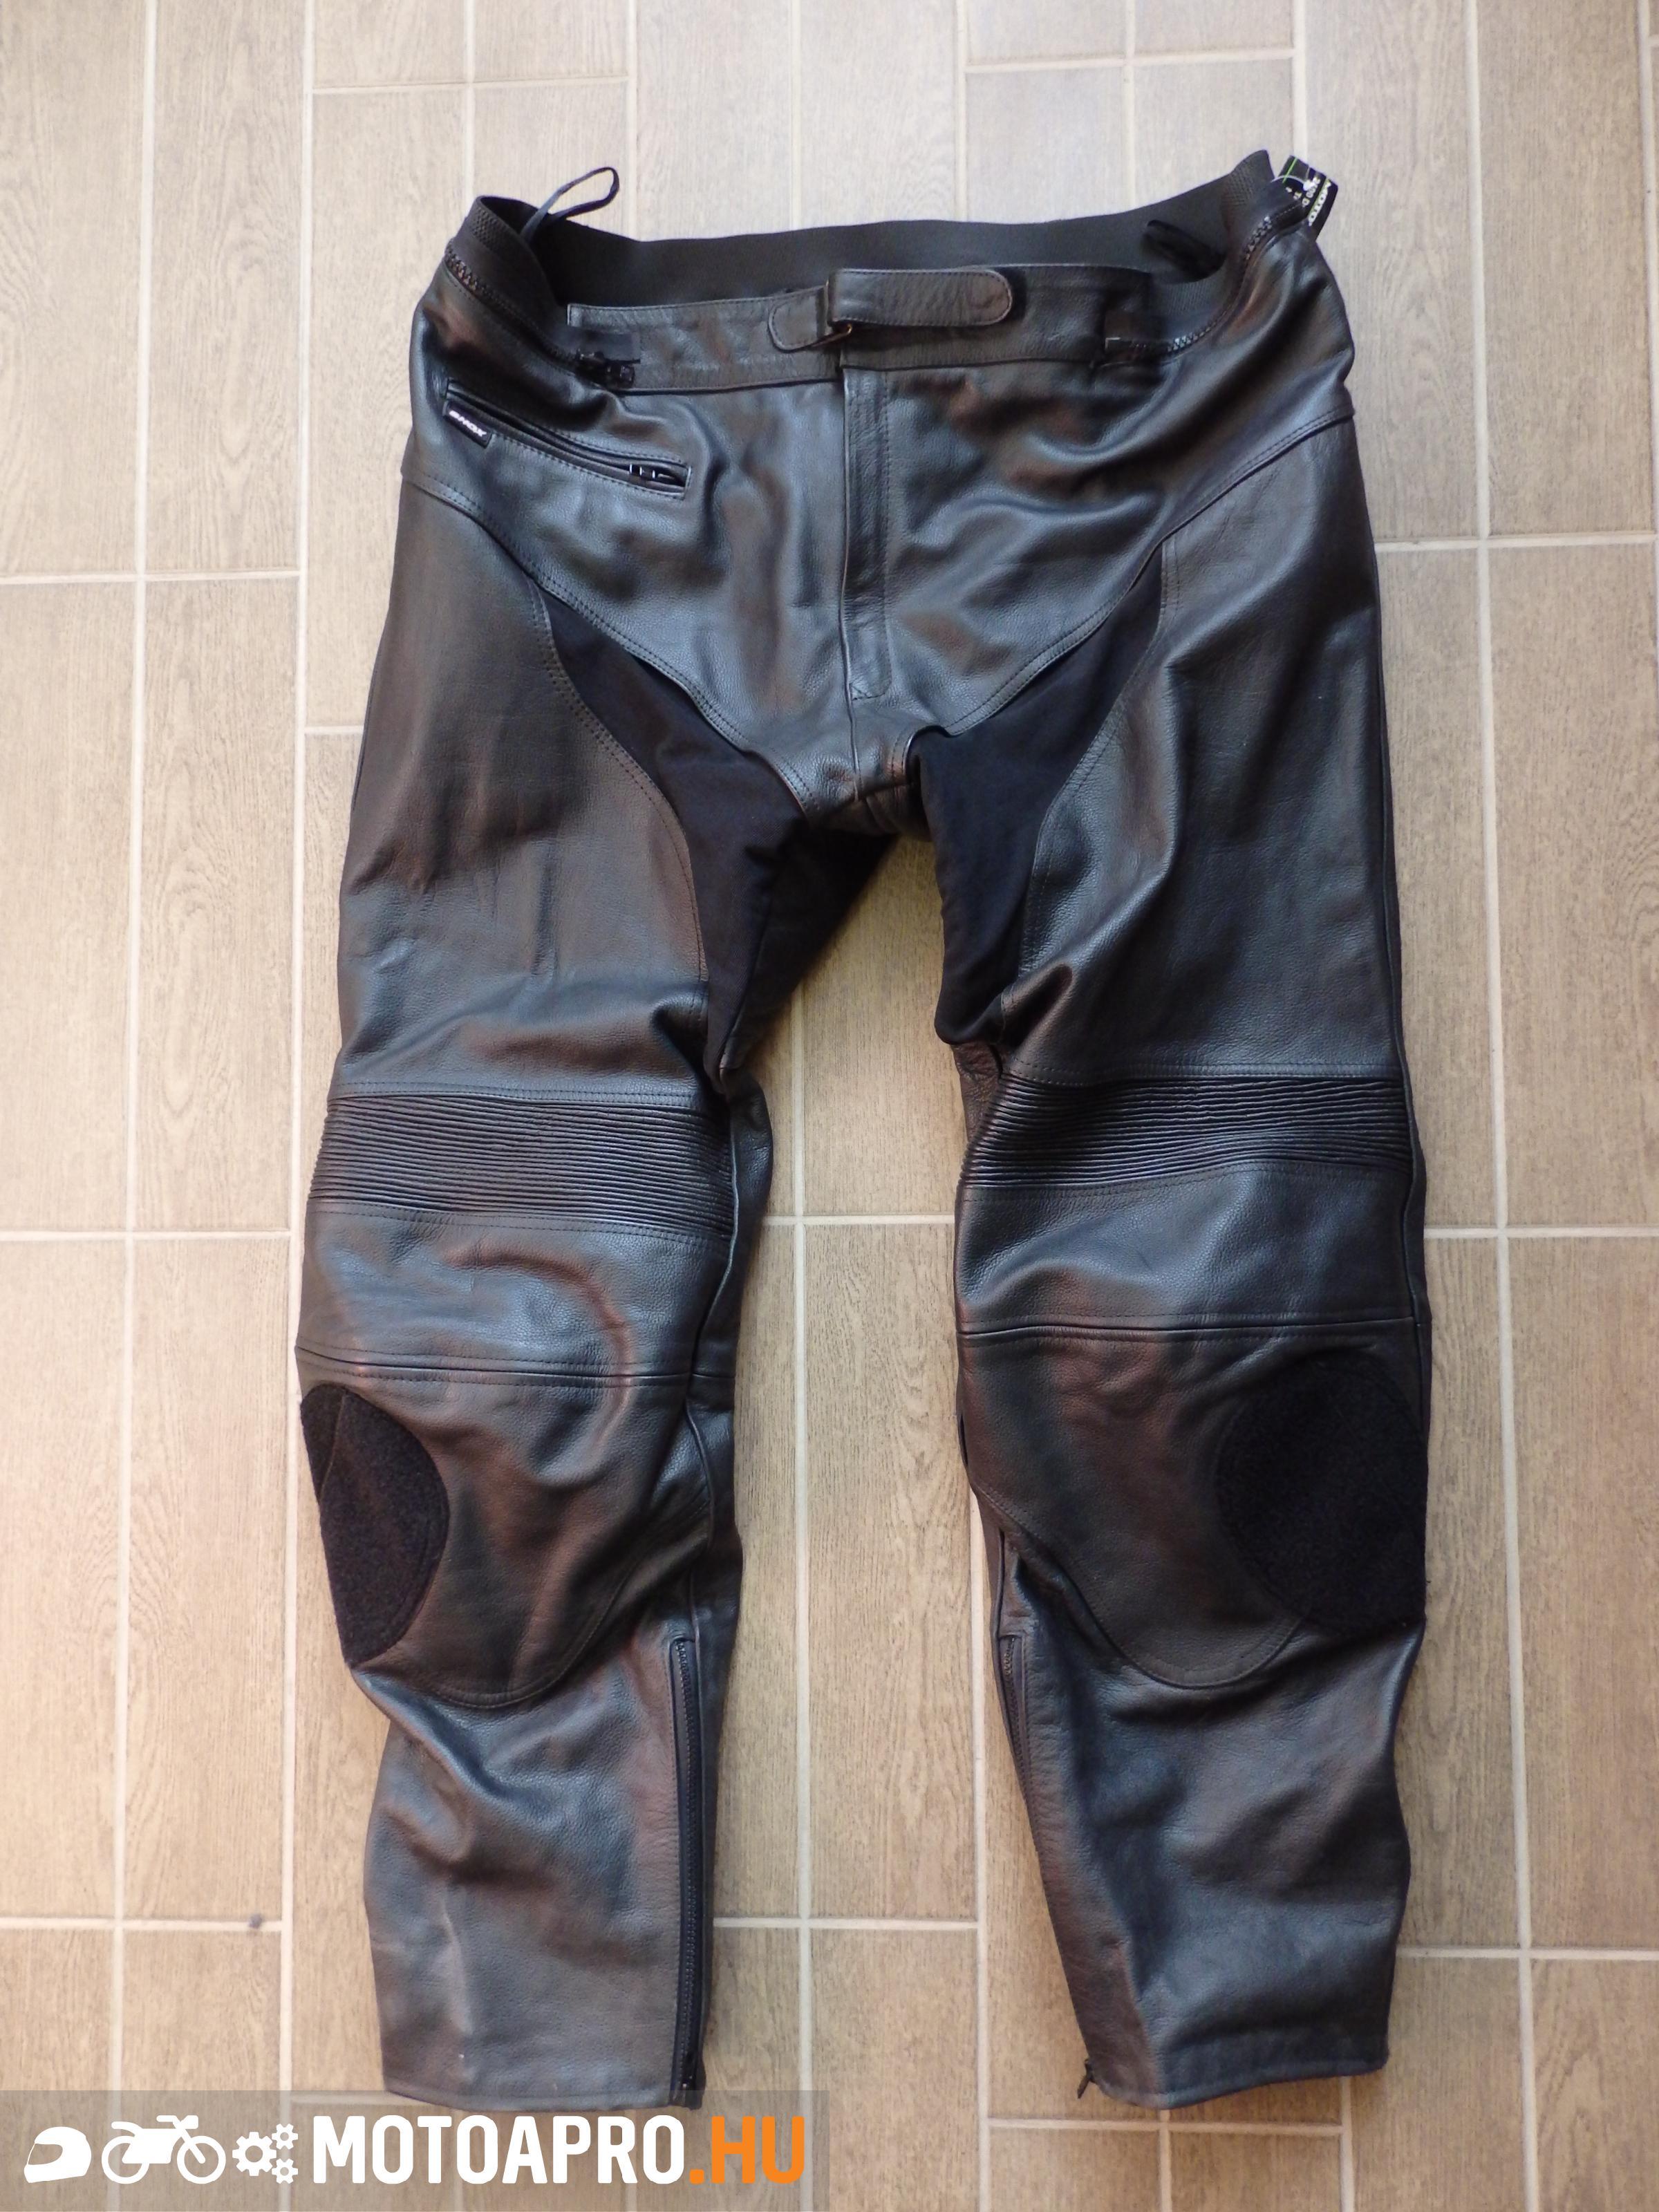 Motoros bőr nadrág Shox